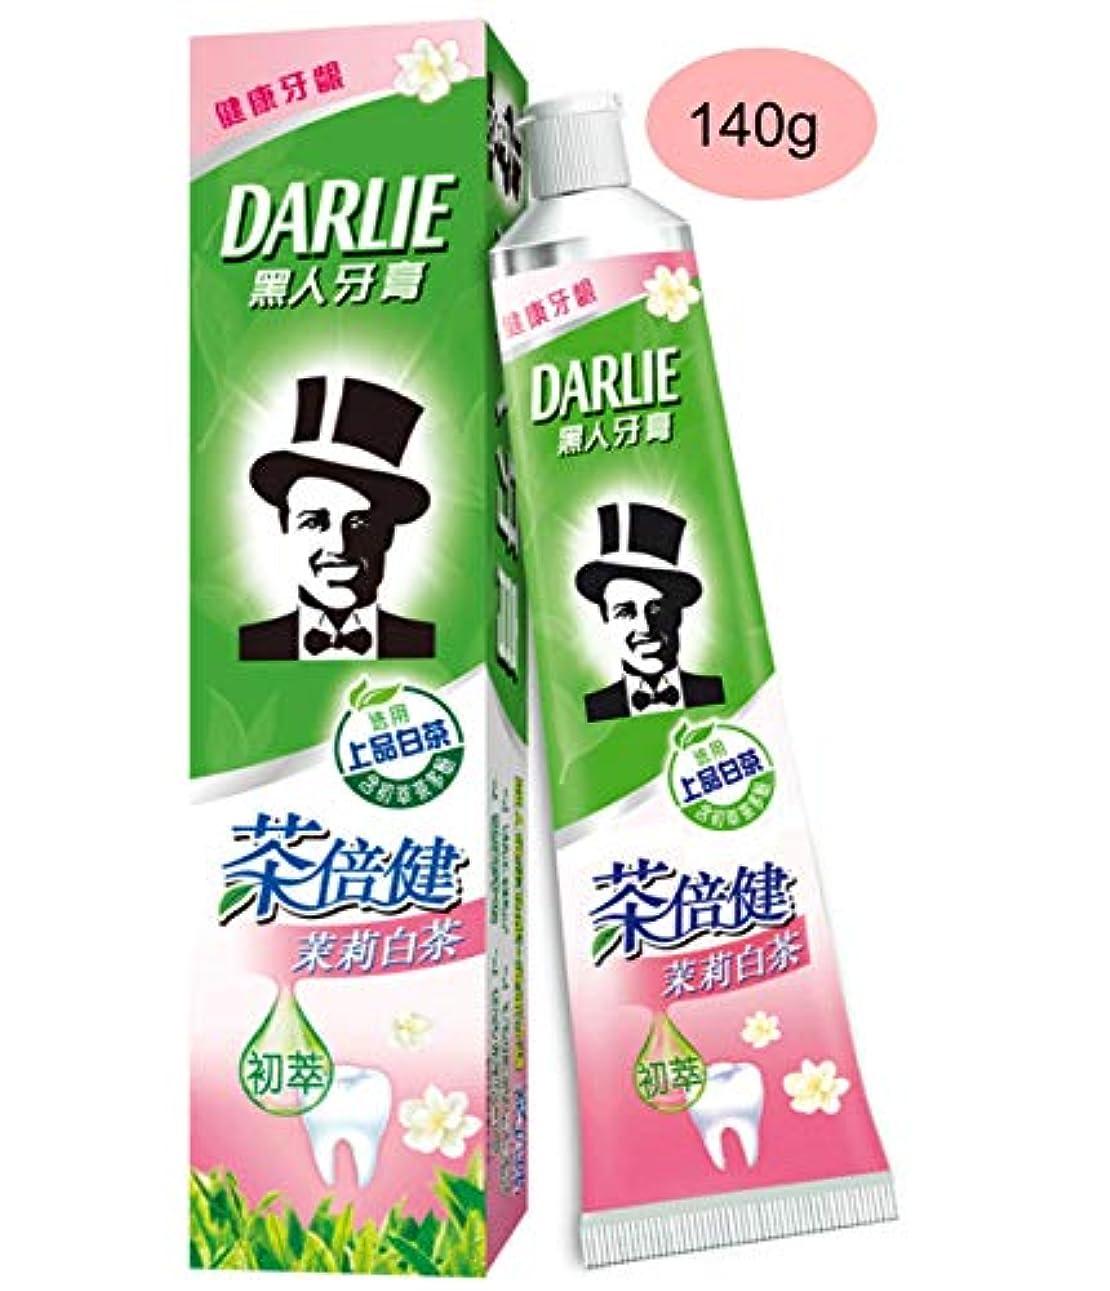 小屋最初にオピエート台湾 黒人歯磨き粉 有機茶葉エキスシリーズ ジャスミンホワイトティーフレーバー 140g DARLIE 黑人牙膏 茶倍健 茉莉白茶